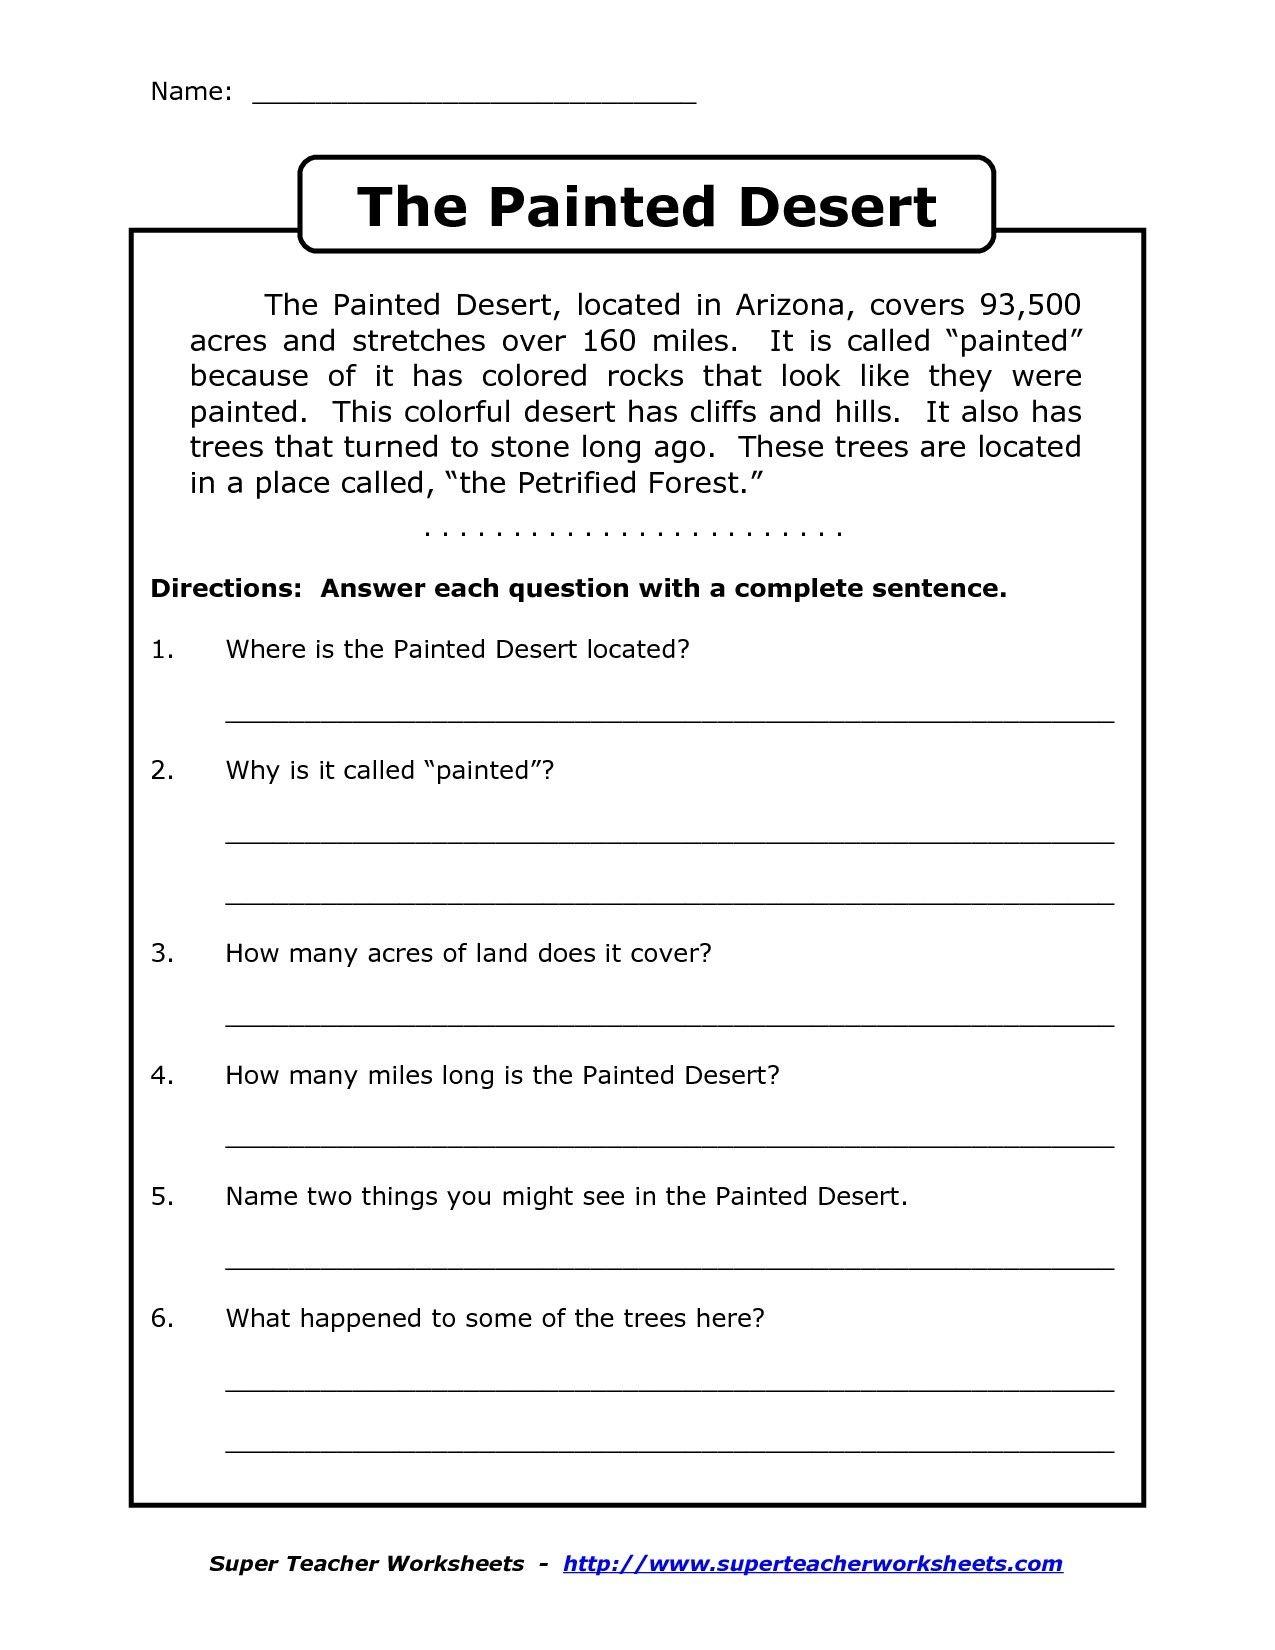 Image Result For Free Printable Worksheets For Grade 4 Comprehension - Free Printable 3Rd Grade Reading Worksheets